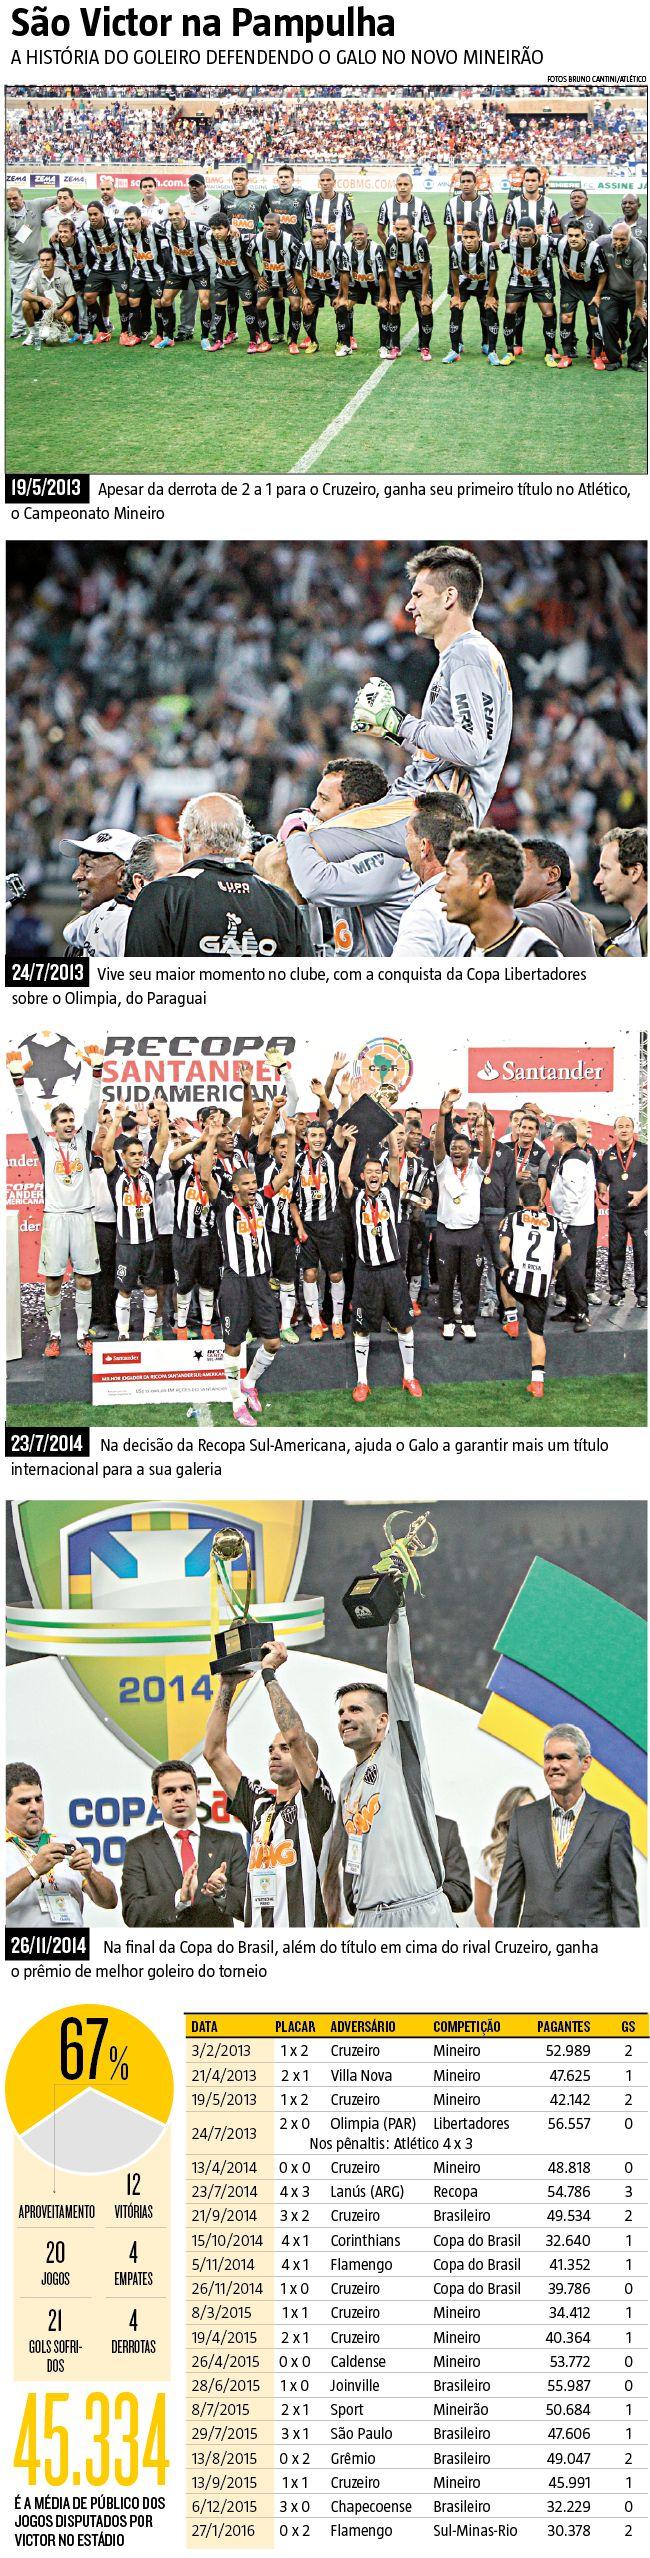 Atlético volta ao Mineirão em Libertadores, com Victor representante solitário da final de 2013 #Victor #AtleticoMineiro #Esporte #Libertadores  #infográfico #infografia #HojeEmDia